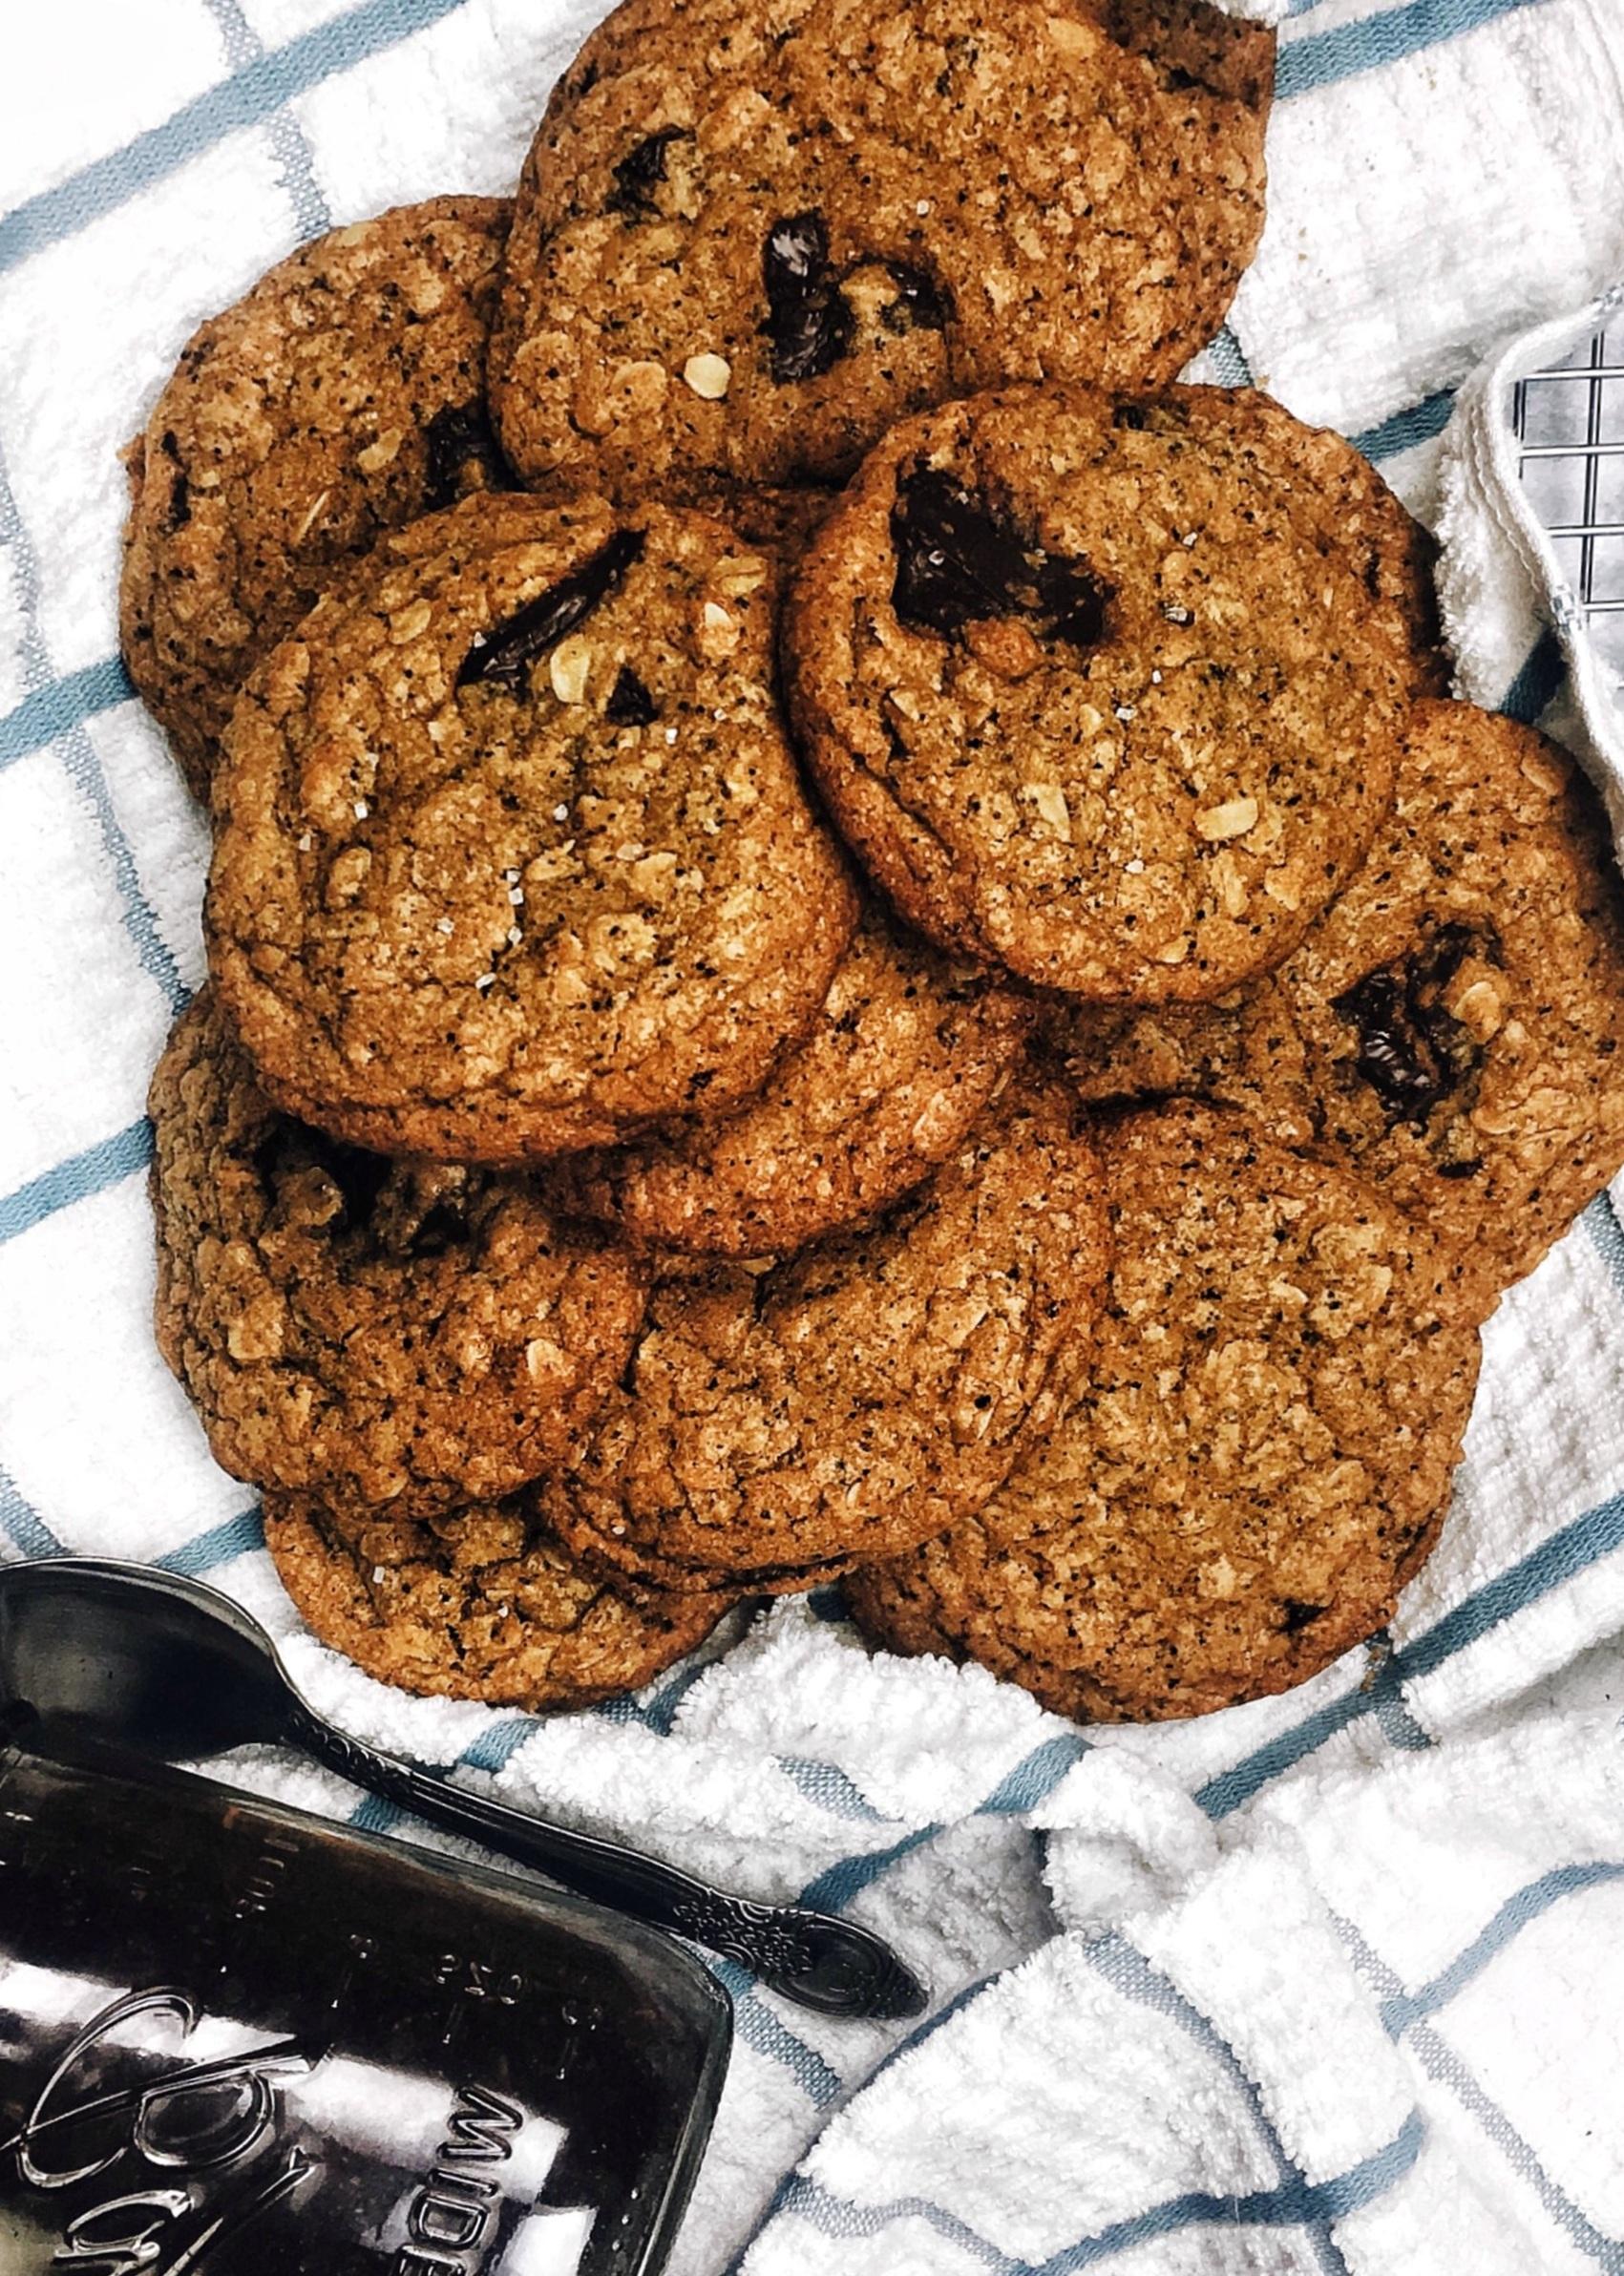 Brown+Butter+Crack+Cookies